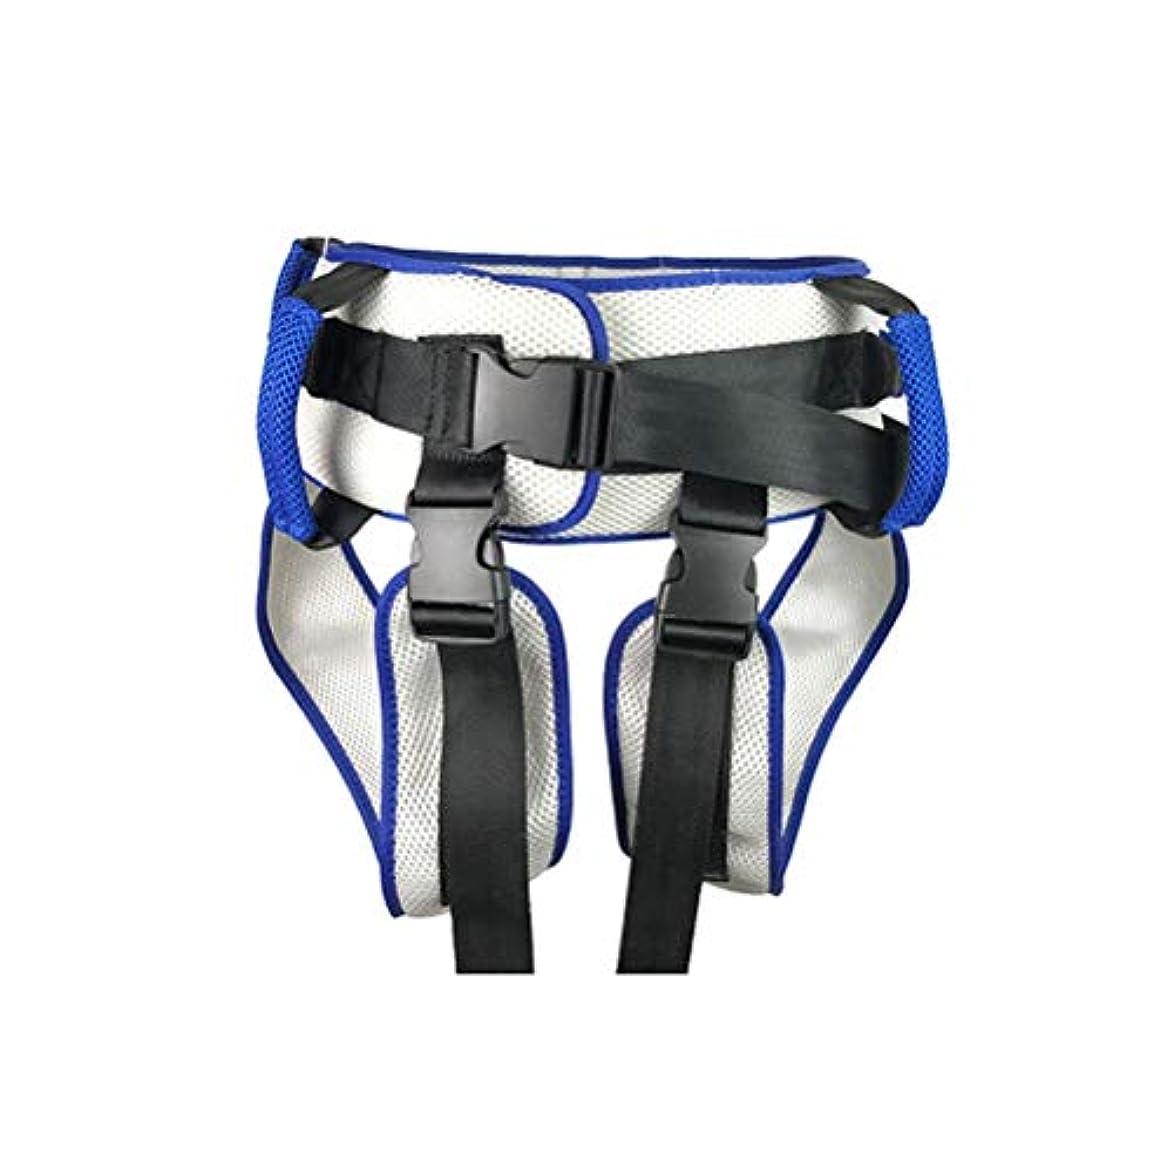 安らぎパネル慣れるHEALLILY 足のループ付きHEALLILYトランスファーベルト患者補助トランスファースリングリハビリテーションベルト下肢歩行立ちトレーニング用具(青)